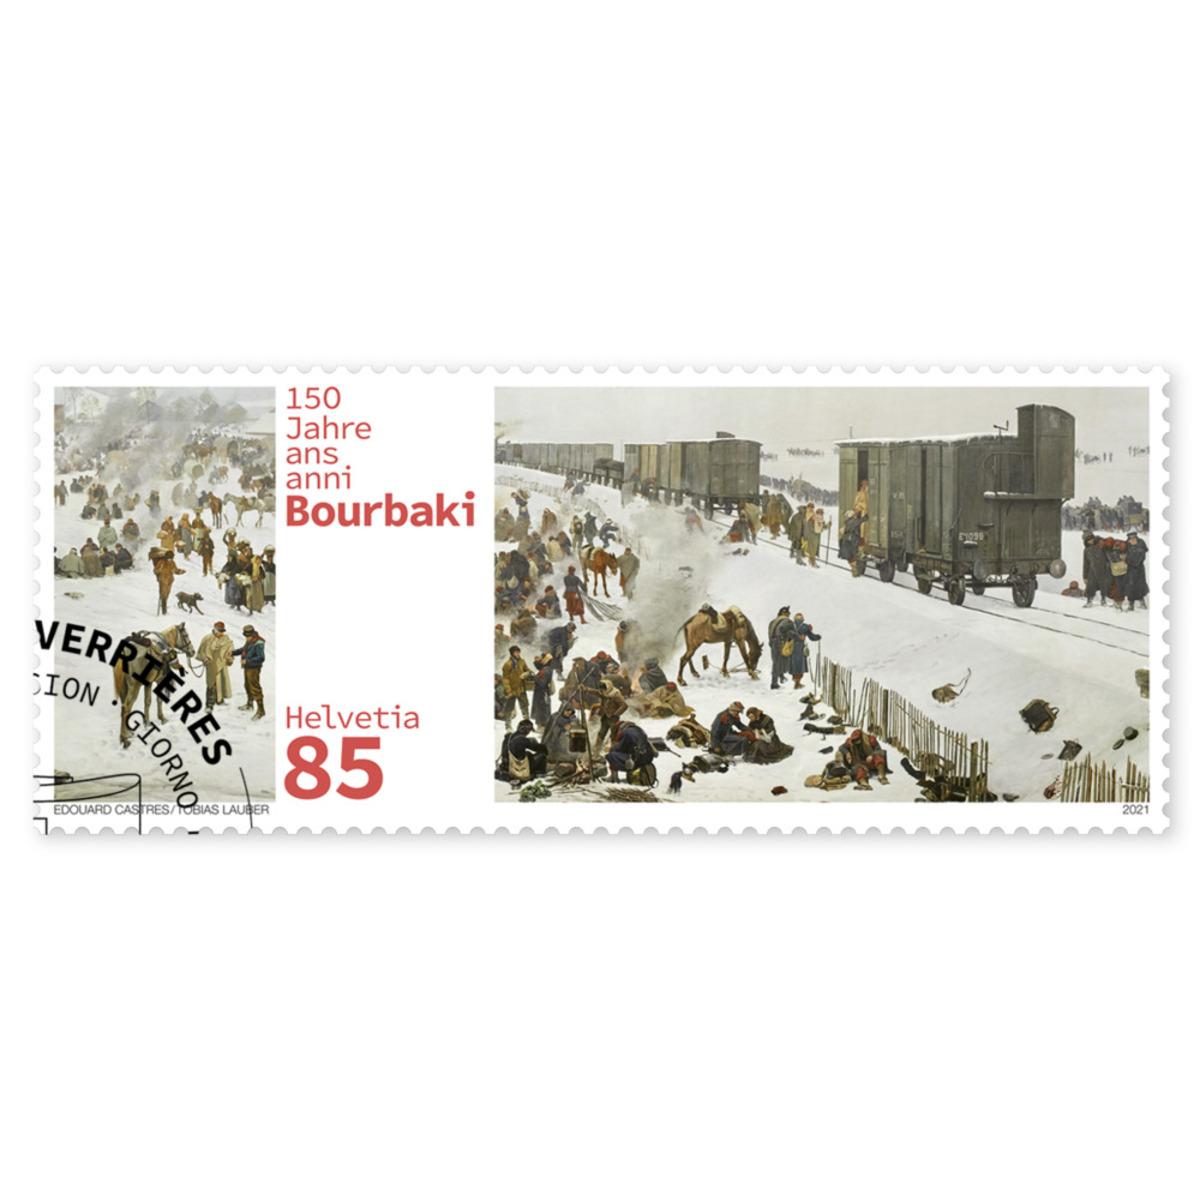 瑞士3月4日发行布尔巴基军队战败150周年邮票